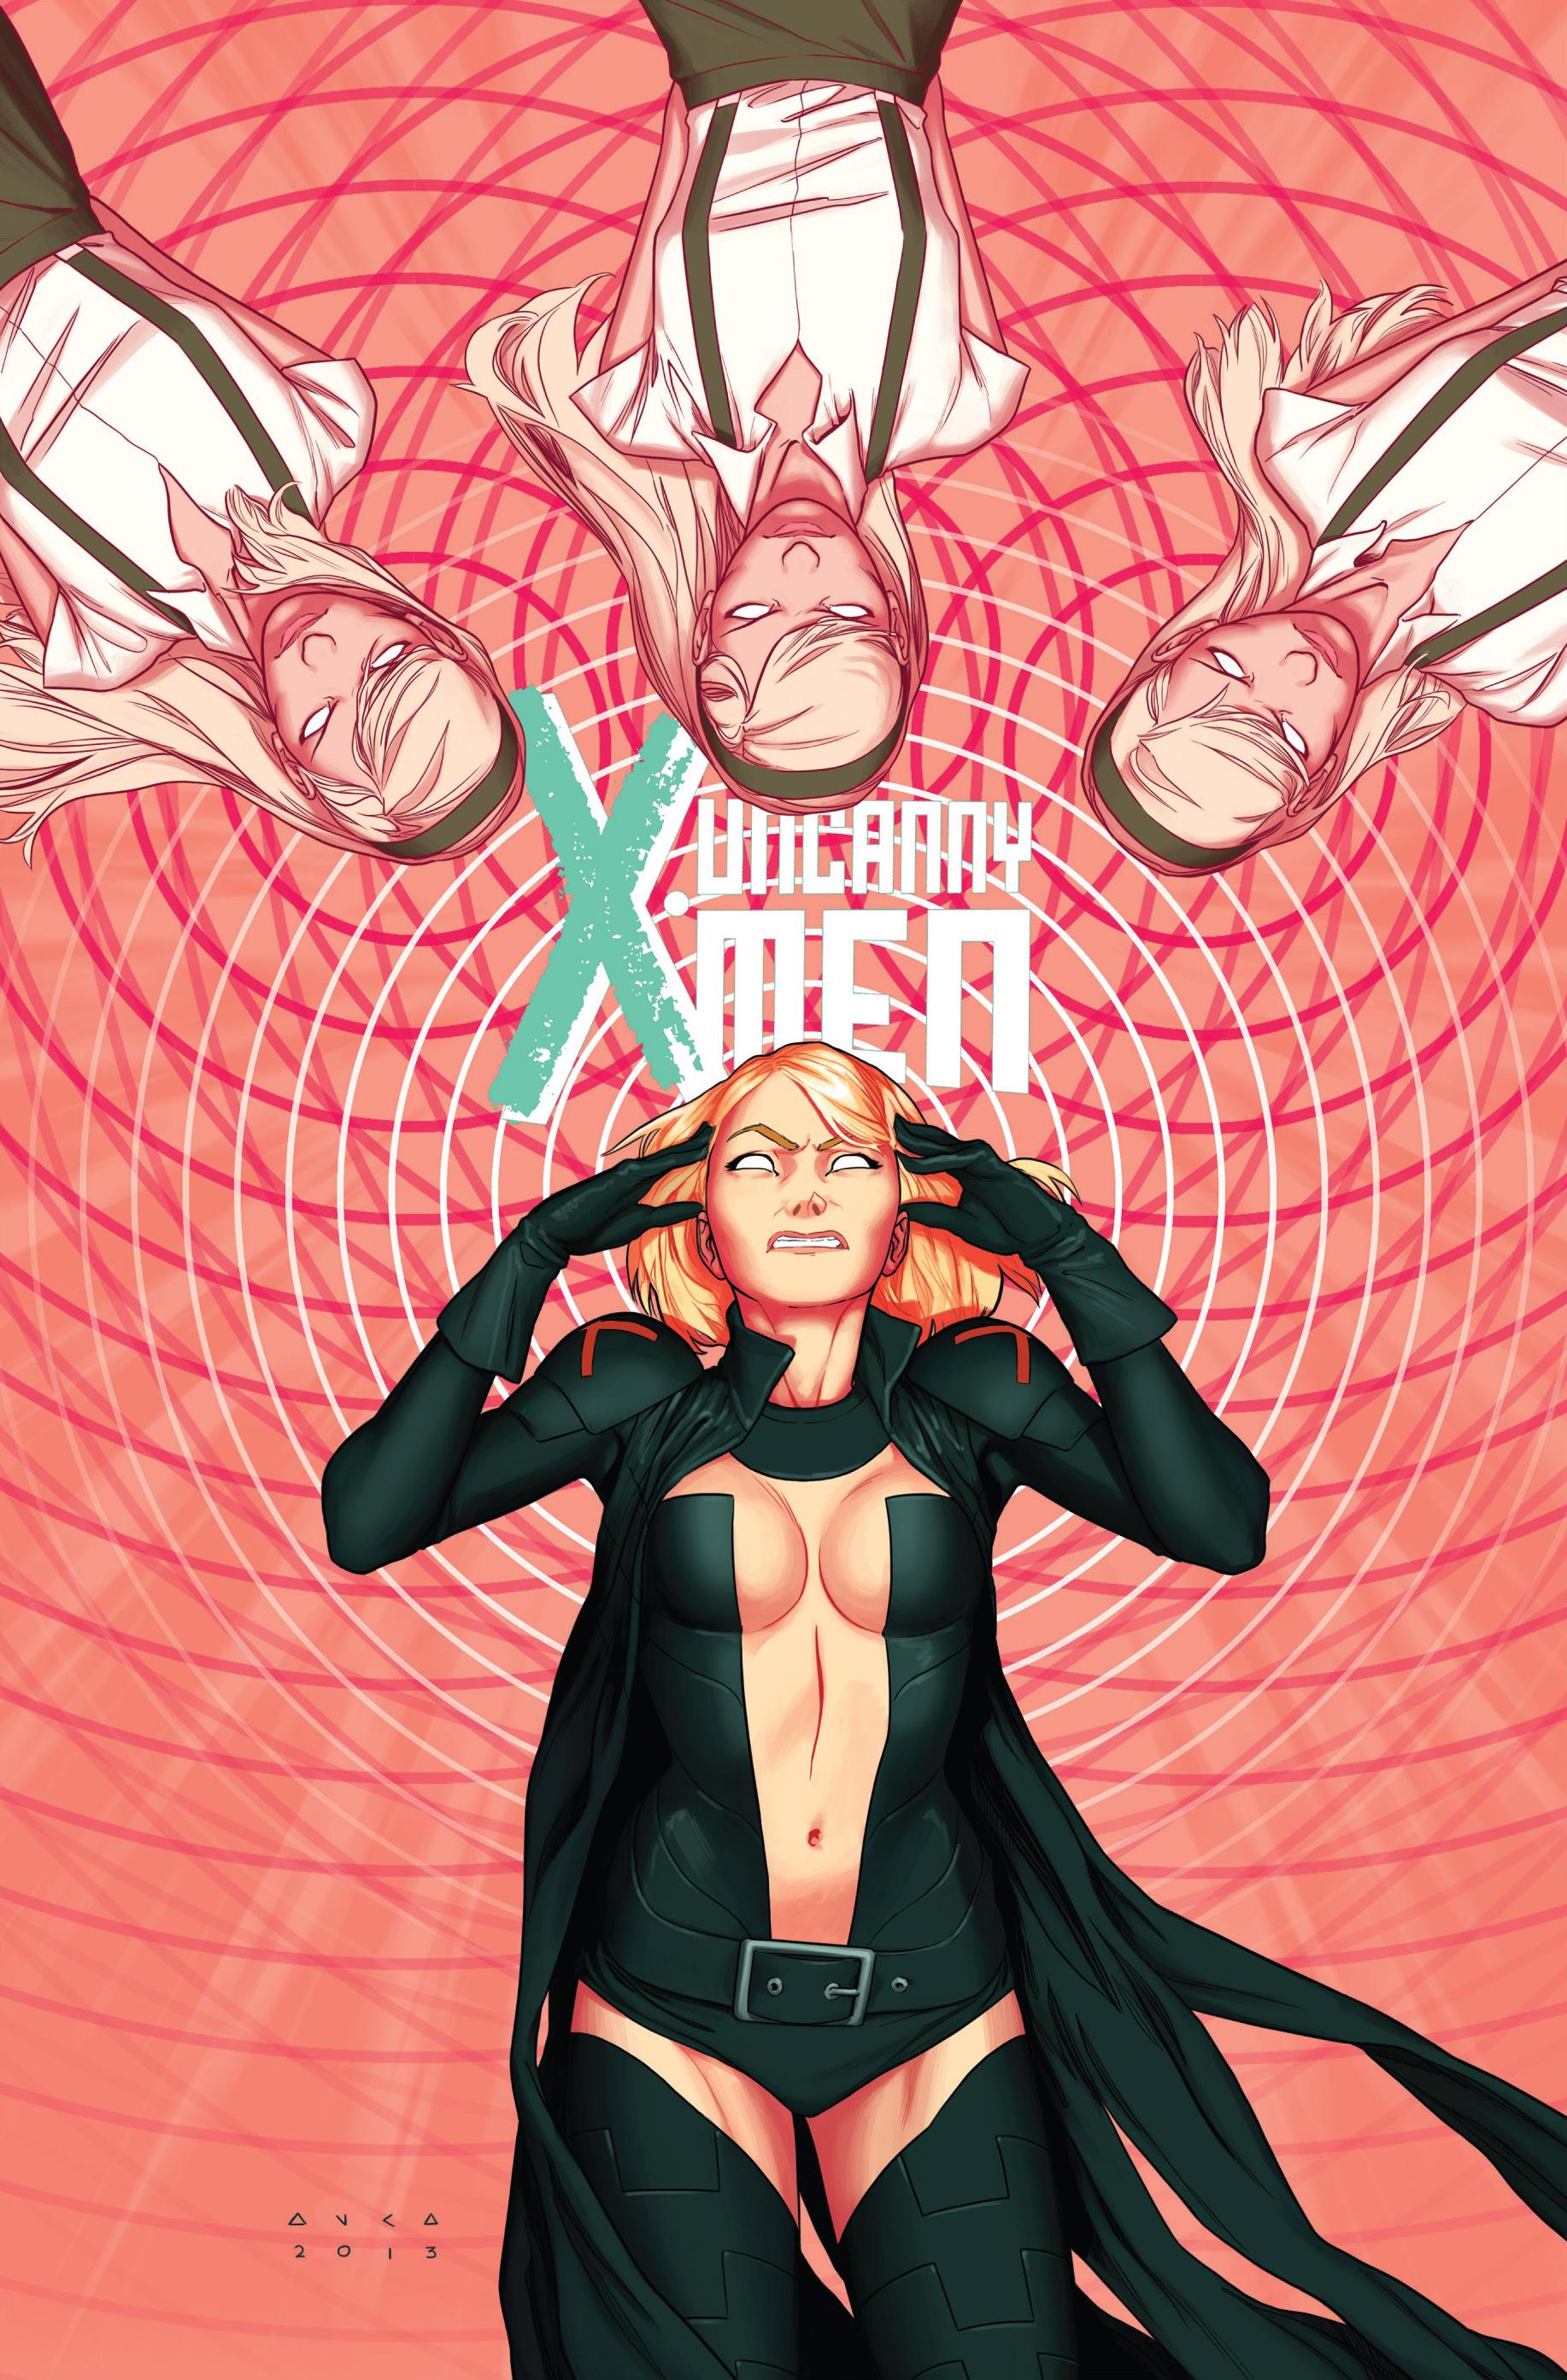 Uncanny X-Men Vol 3 4 Anka Variant Textless.jpg